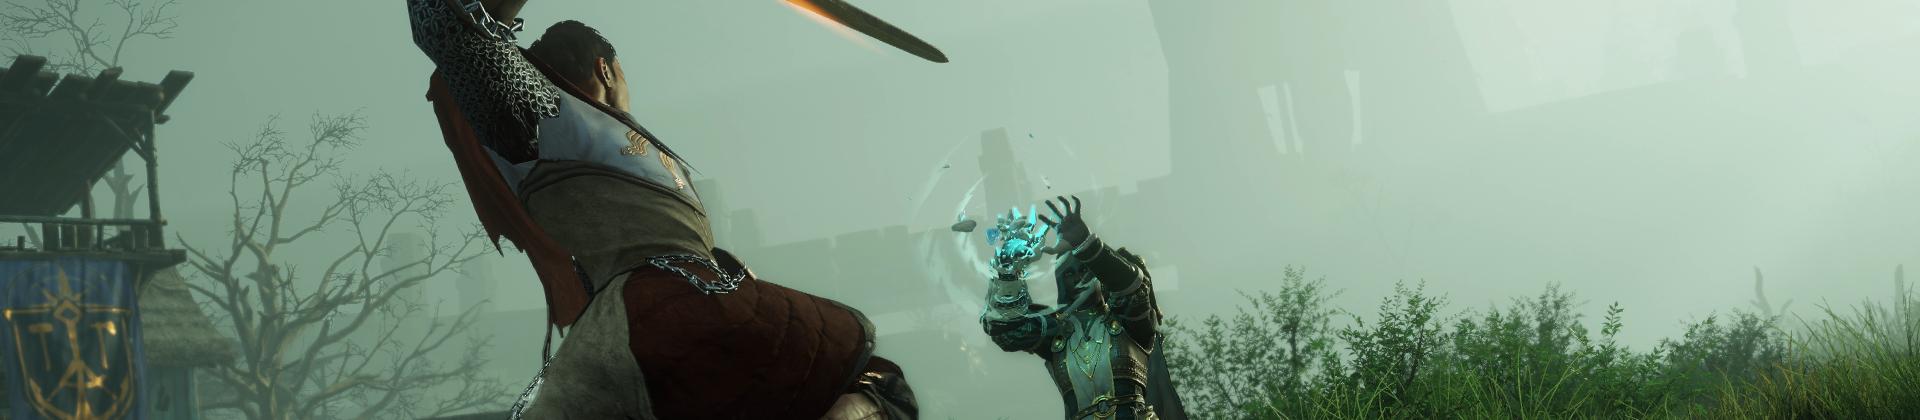 Ein Screenshot eines Duells zwischen zwei Spielern in New World. Der Charakter mit dem Rücken zur Kamera schwingt ein Schwert gegen einen Charakter, der die neue Eisstulpe trägt und damit einen Zauberspruch wirkt.